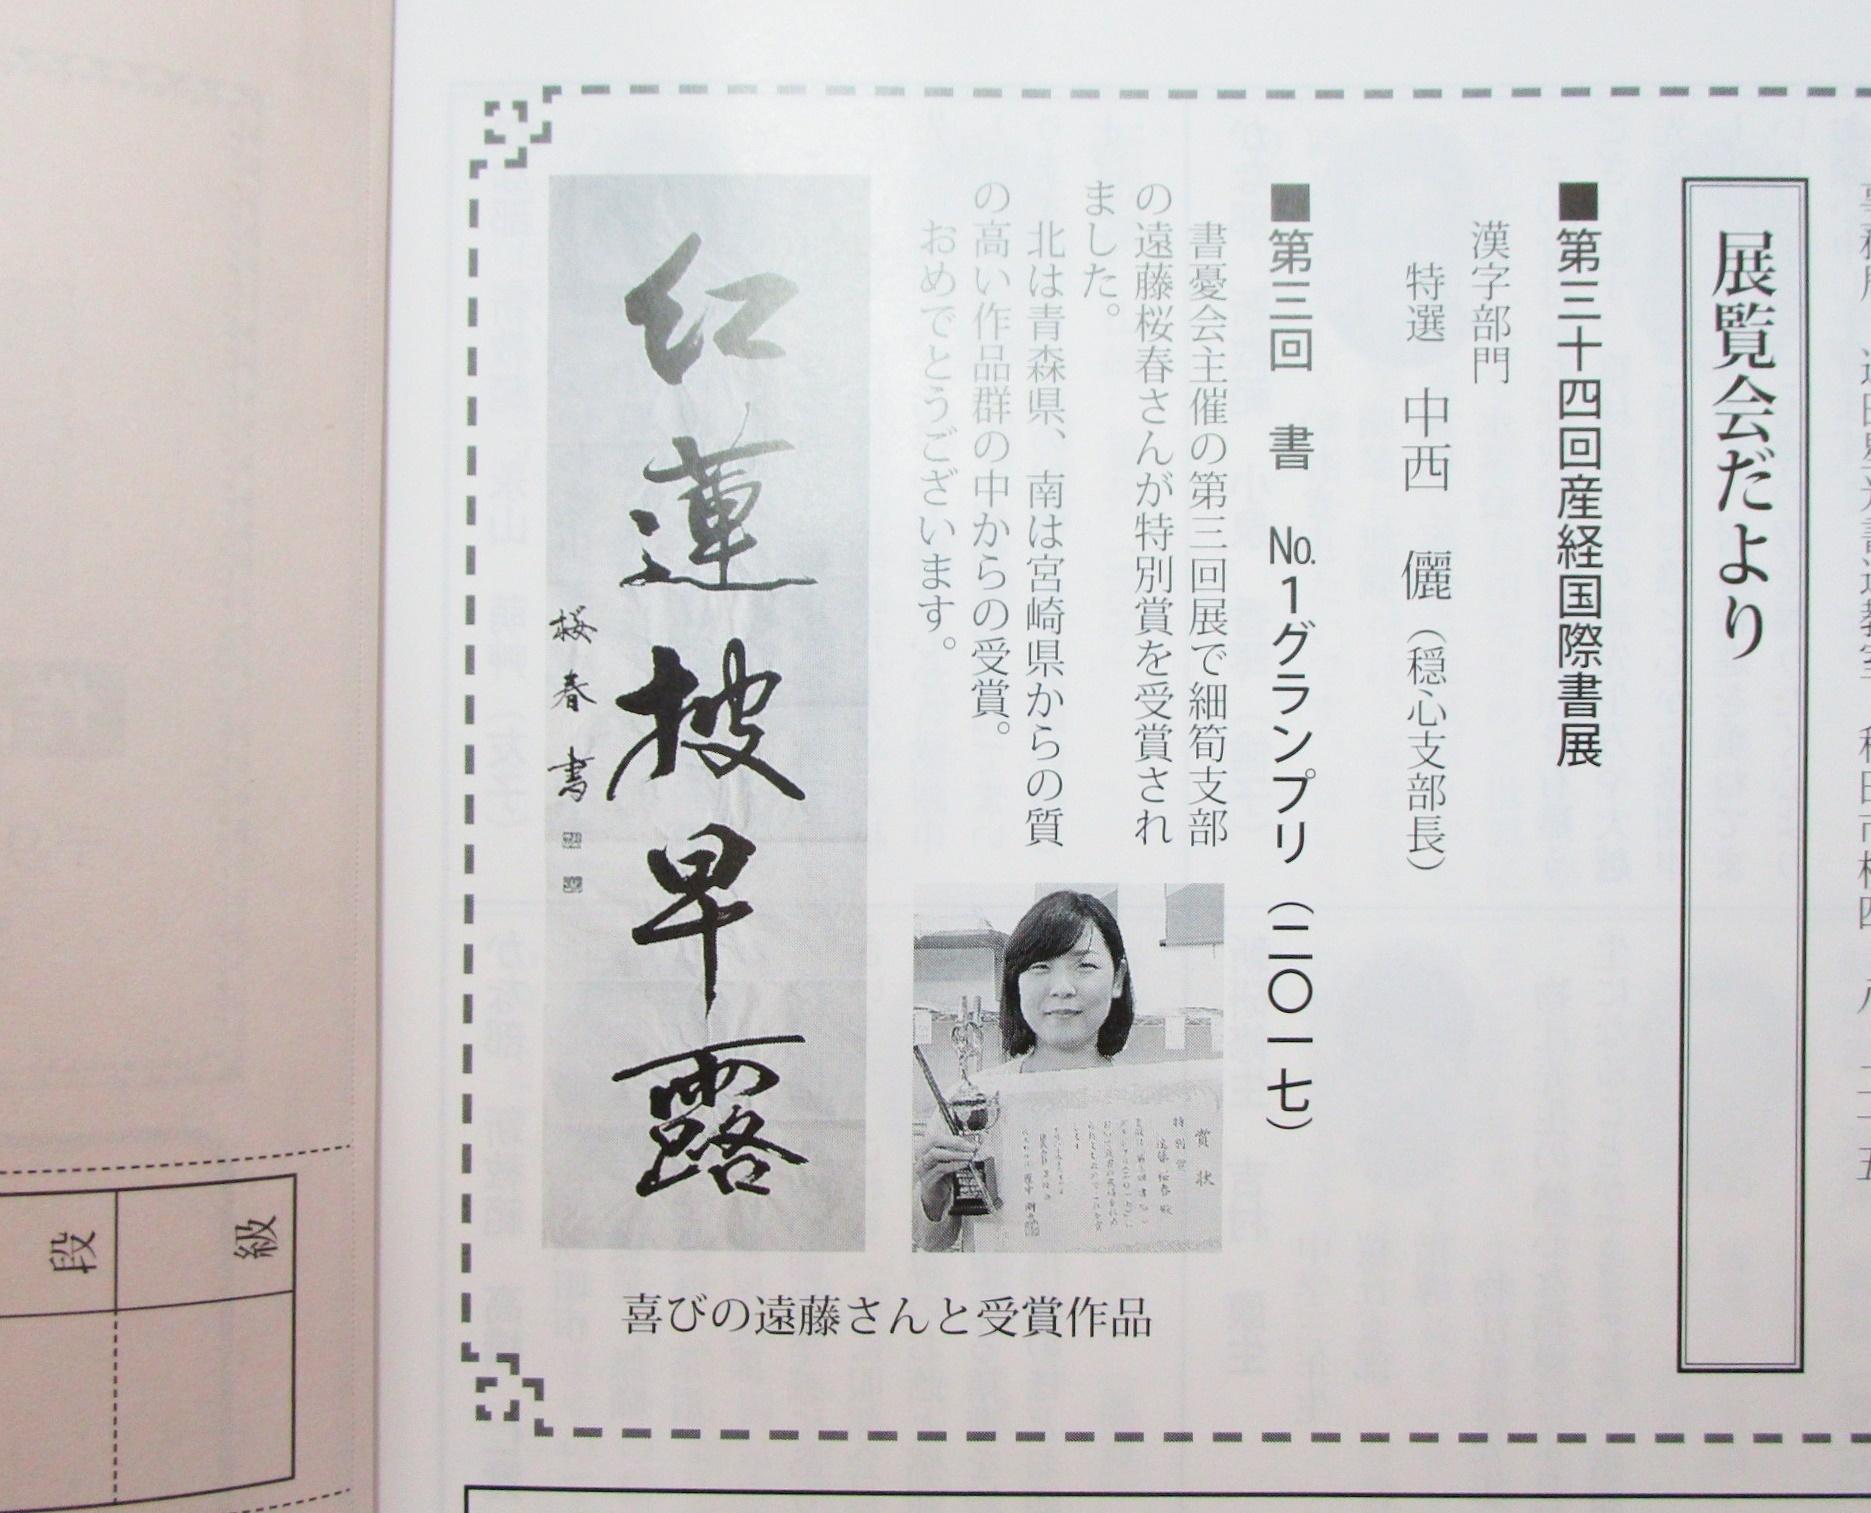 第3回 書 No-1 グランプリ(2017) 広報-1